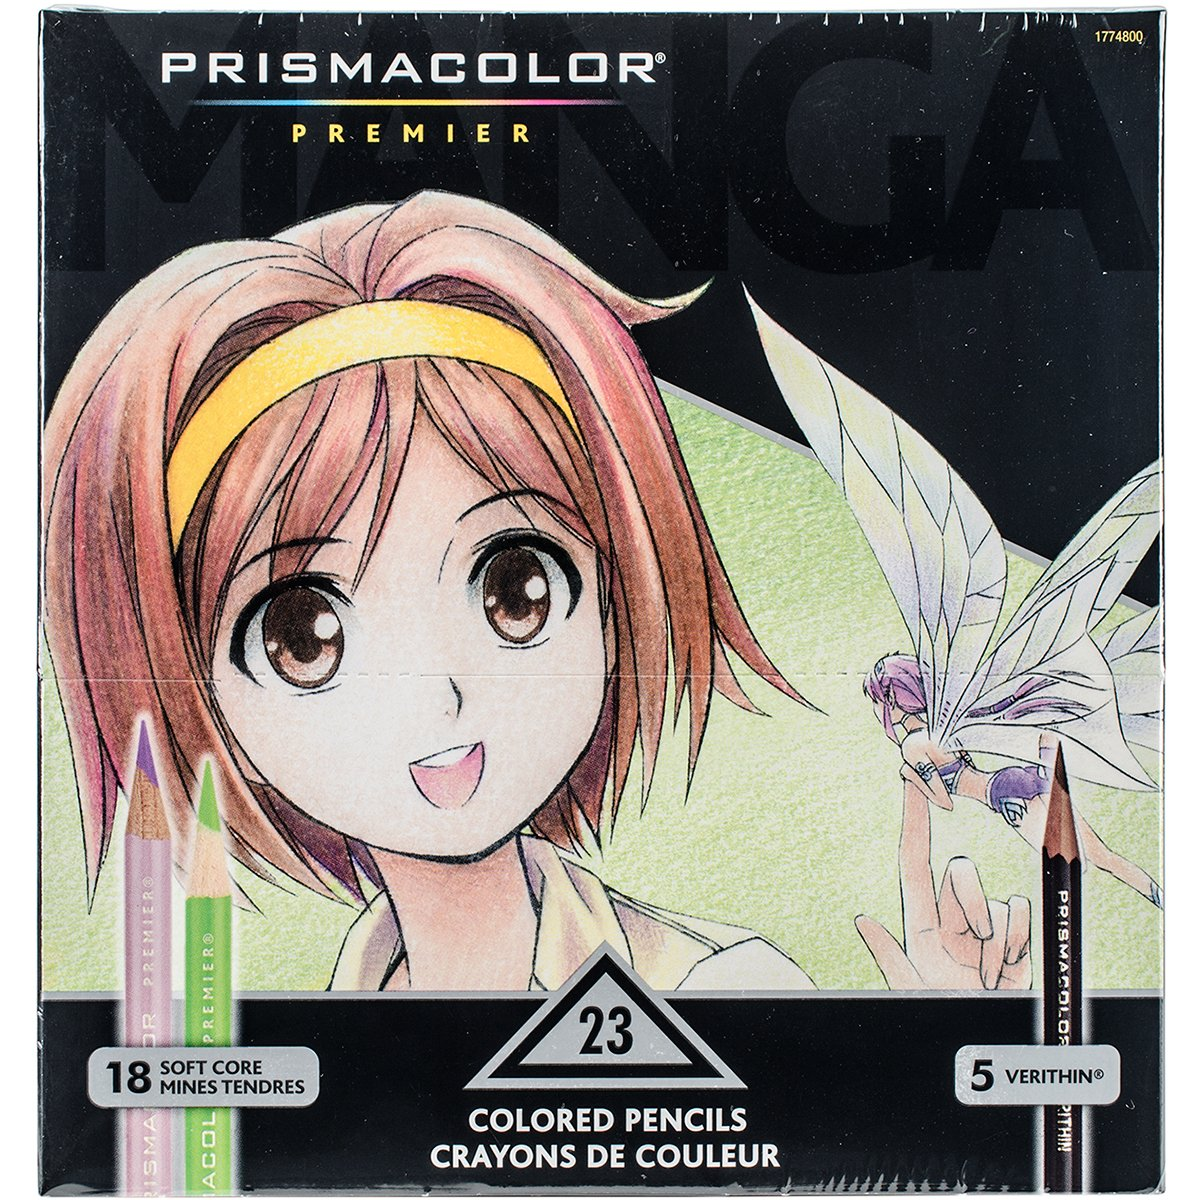 Prismacolor 1774800 Premier Colored Pencils, Manga Colors, 23-Count